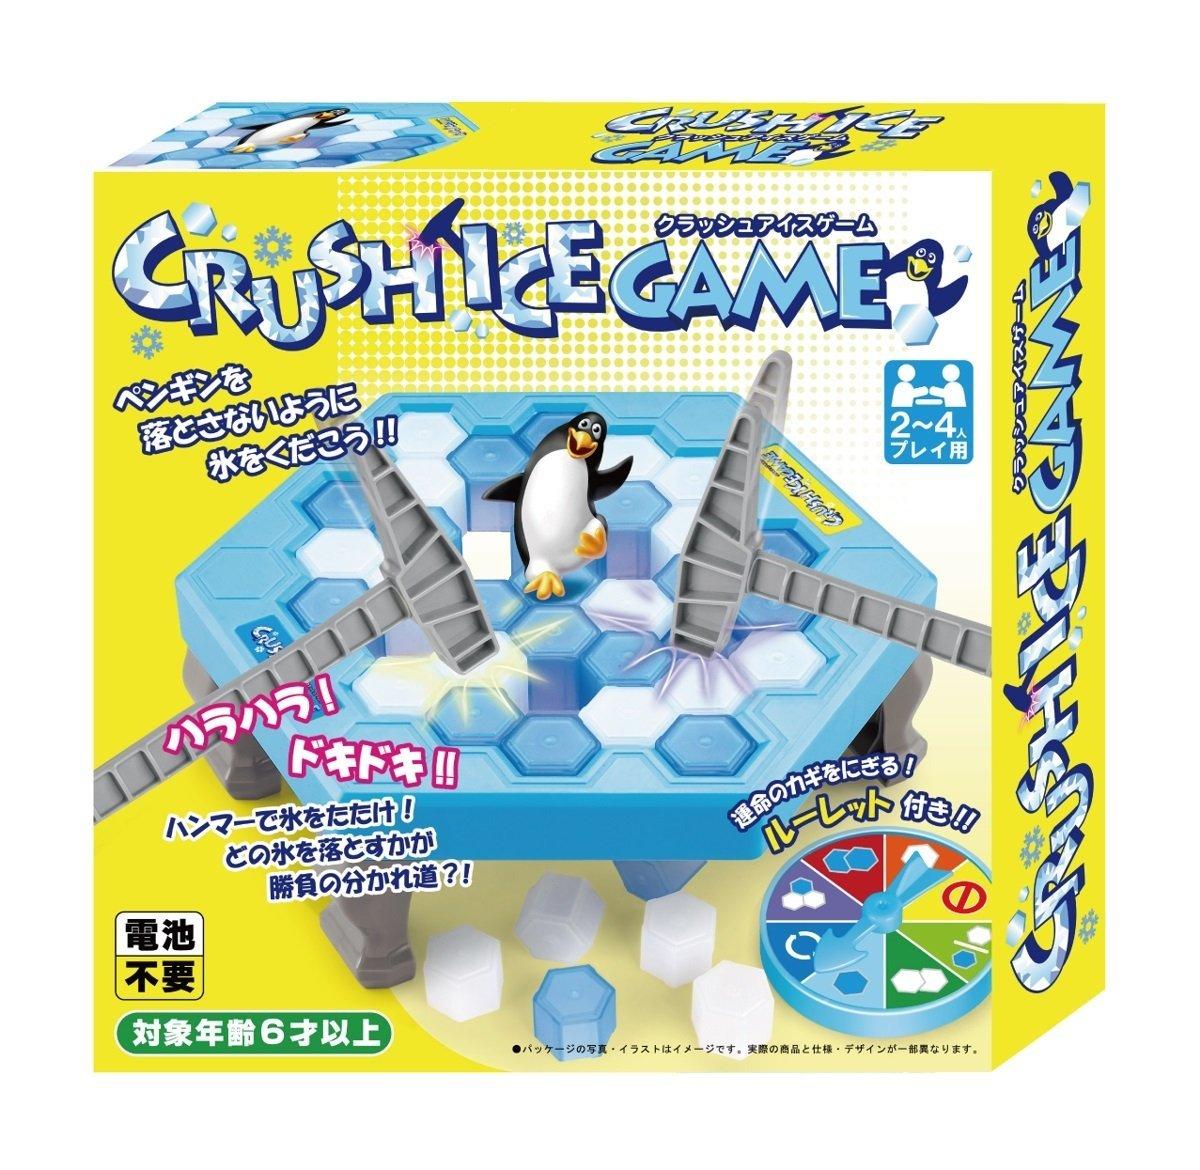 【特価】クラッシュアイスゲーム/CRUSH ICE GAME